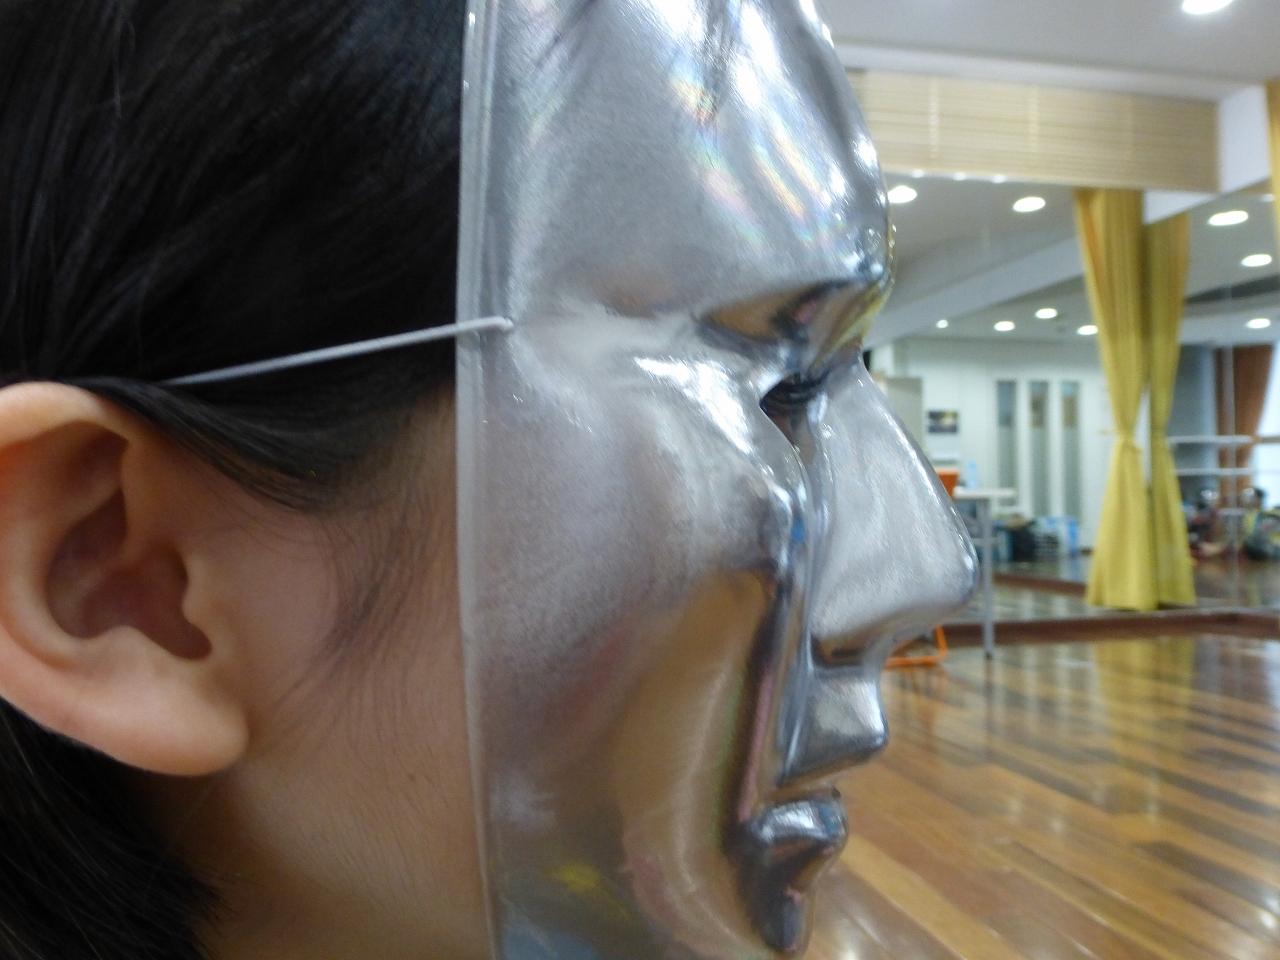 イベントで使用した仮面。はみ出ている睫毛を見たら、誰だか一目瞭然ですね(きいな)